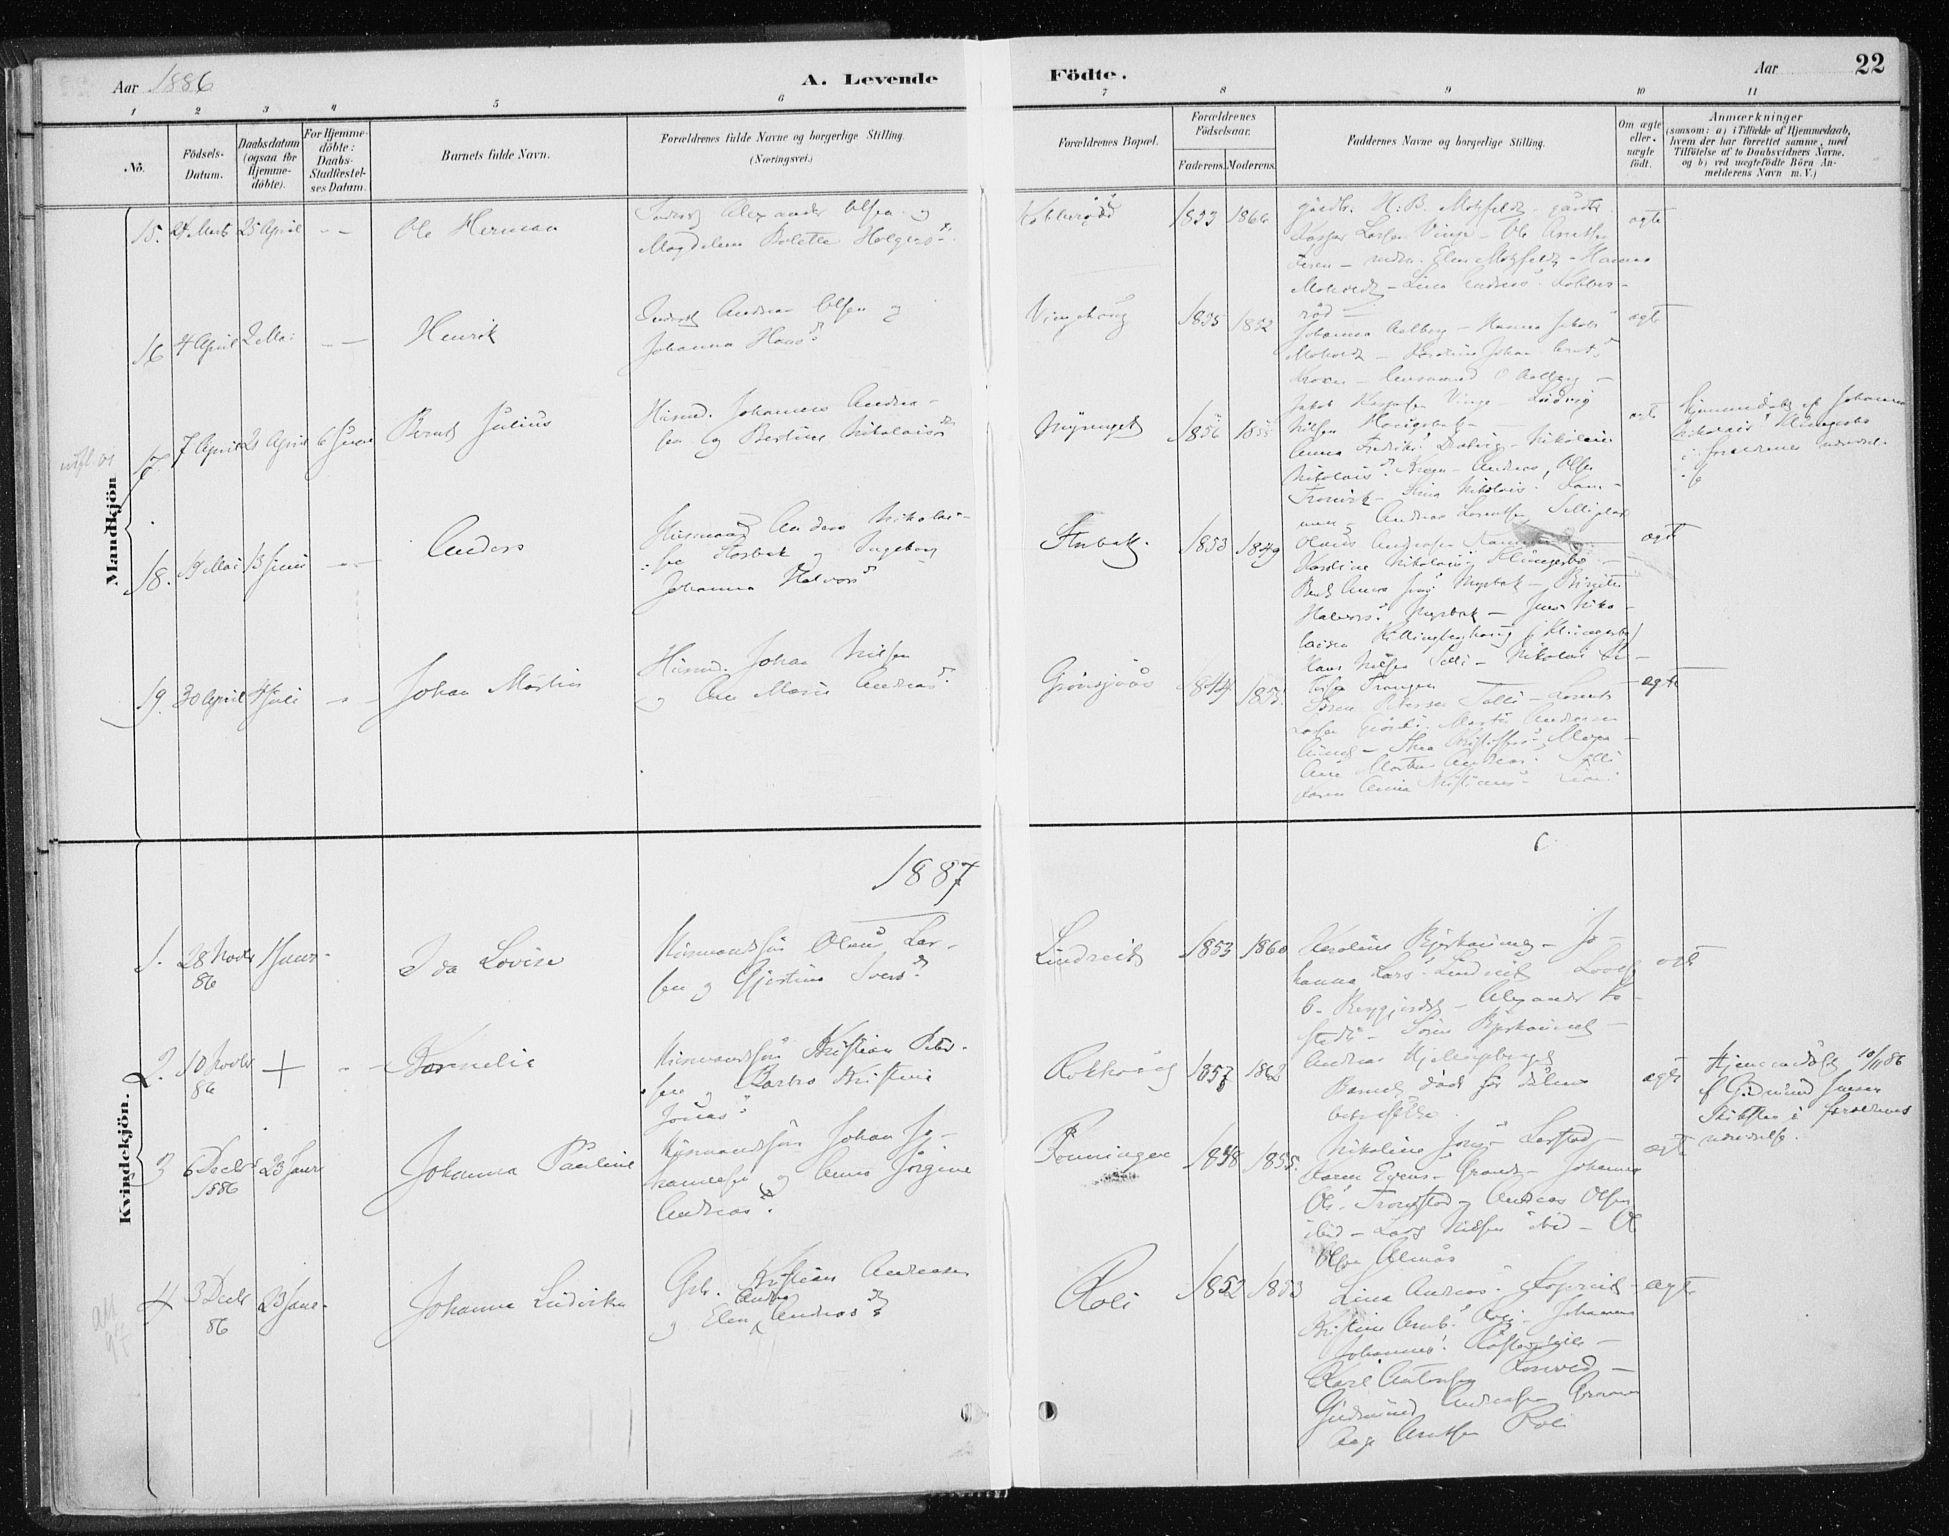 SAT, Ministerialprotokoller, klokkerbøker og fødselsregistre - Nord-Trøndelag, 701/L0010: Ministerialbok nr. 701A10, 1883-1899, s. 22